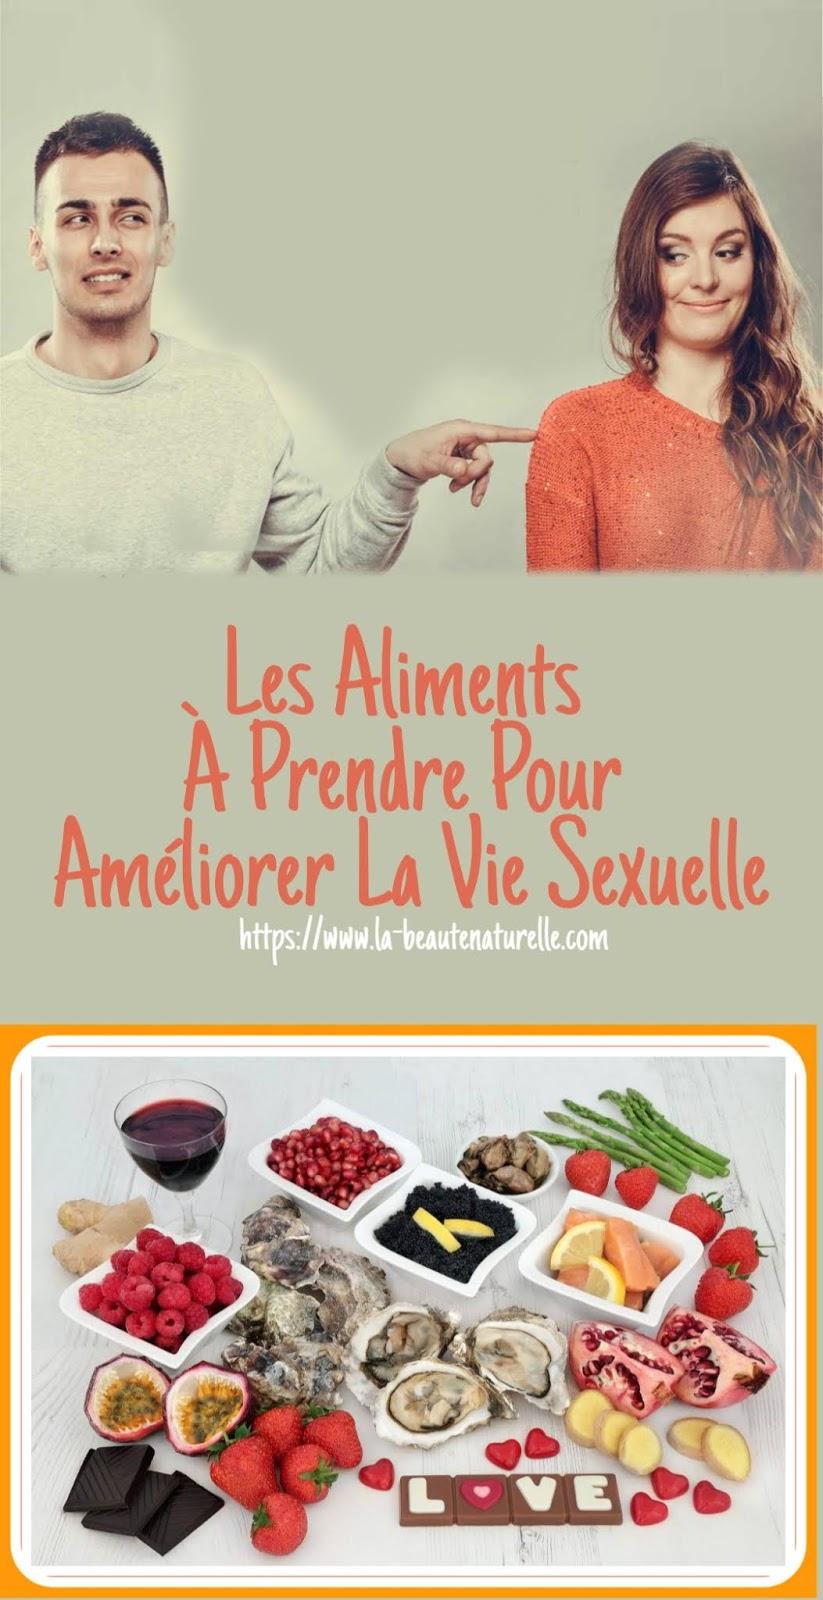 Les Aliments À Prendre Pour Améliorer La Vie Sexuelle